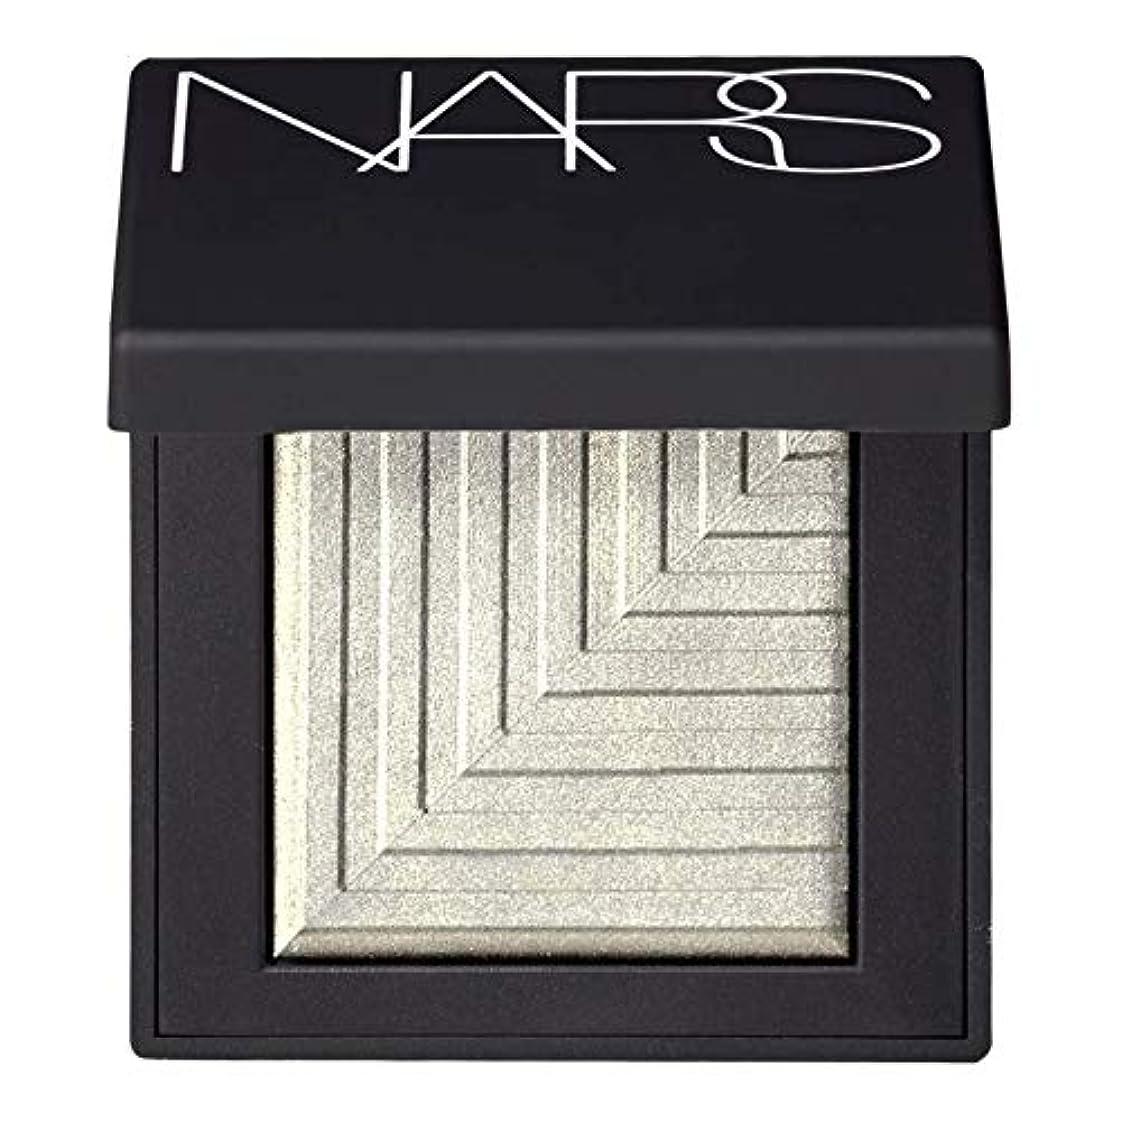 彼ら考える系統的[NARS] Narはデュアル強度アイシャドウアンタレス - Nars Dual Intensity Eyeshadow Antares [並行輸入品]